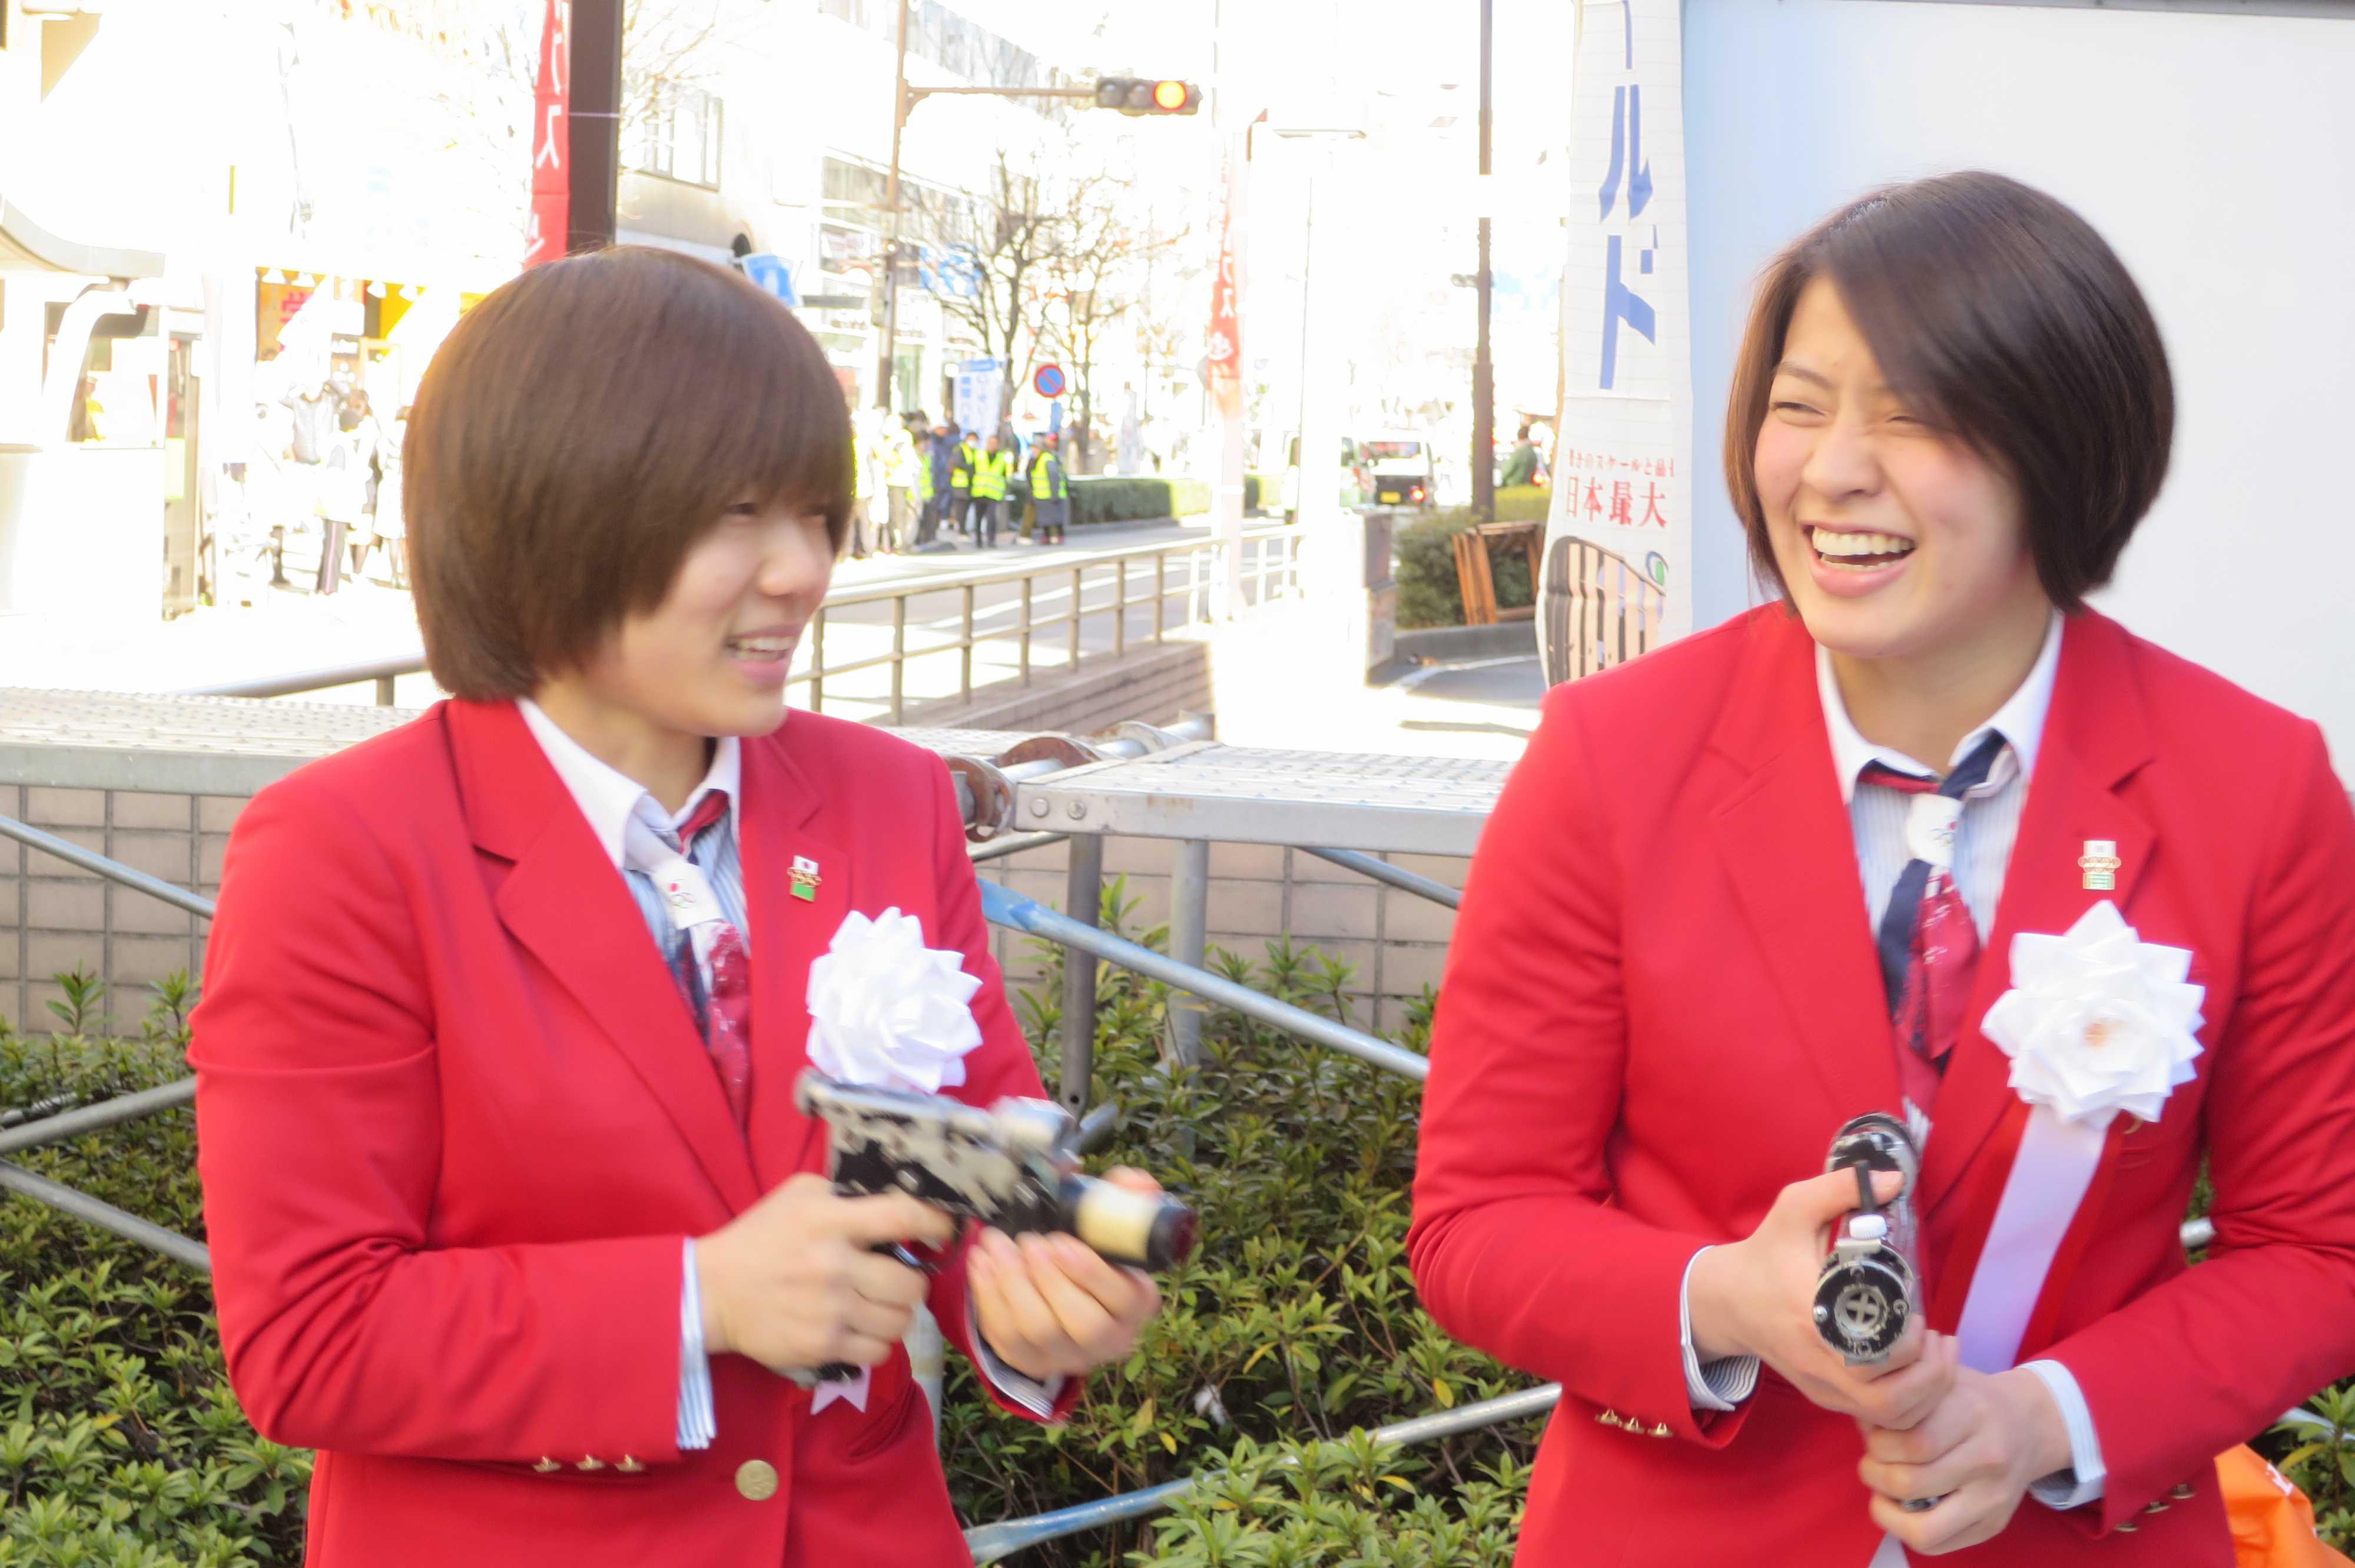 女子柔道選手 - 中村美里選手と田代未来選手の写真